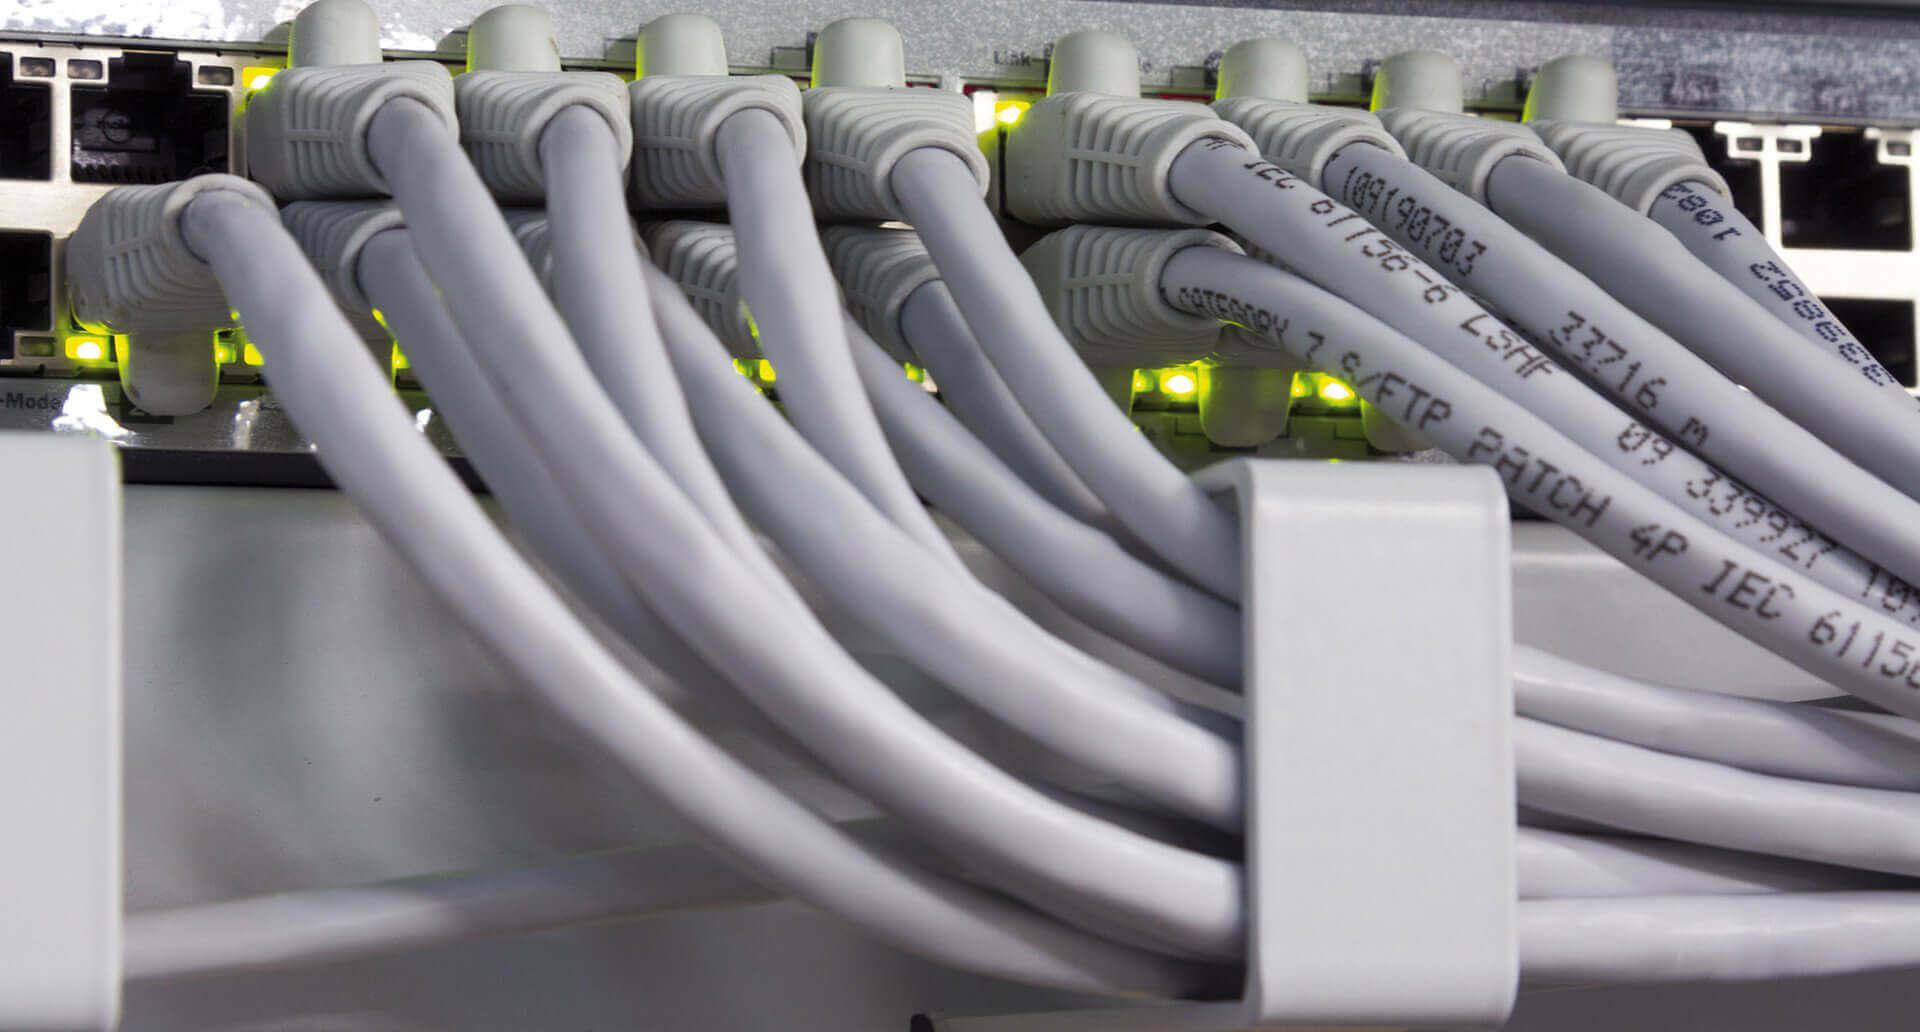 <p><strong>DATENTECHNIK</strong></p> <p>Schnell und sicher, das sind die obersten Prioritäten bei der Planung und der Installation einer Netzwerk-Infrastruktur...</p>